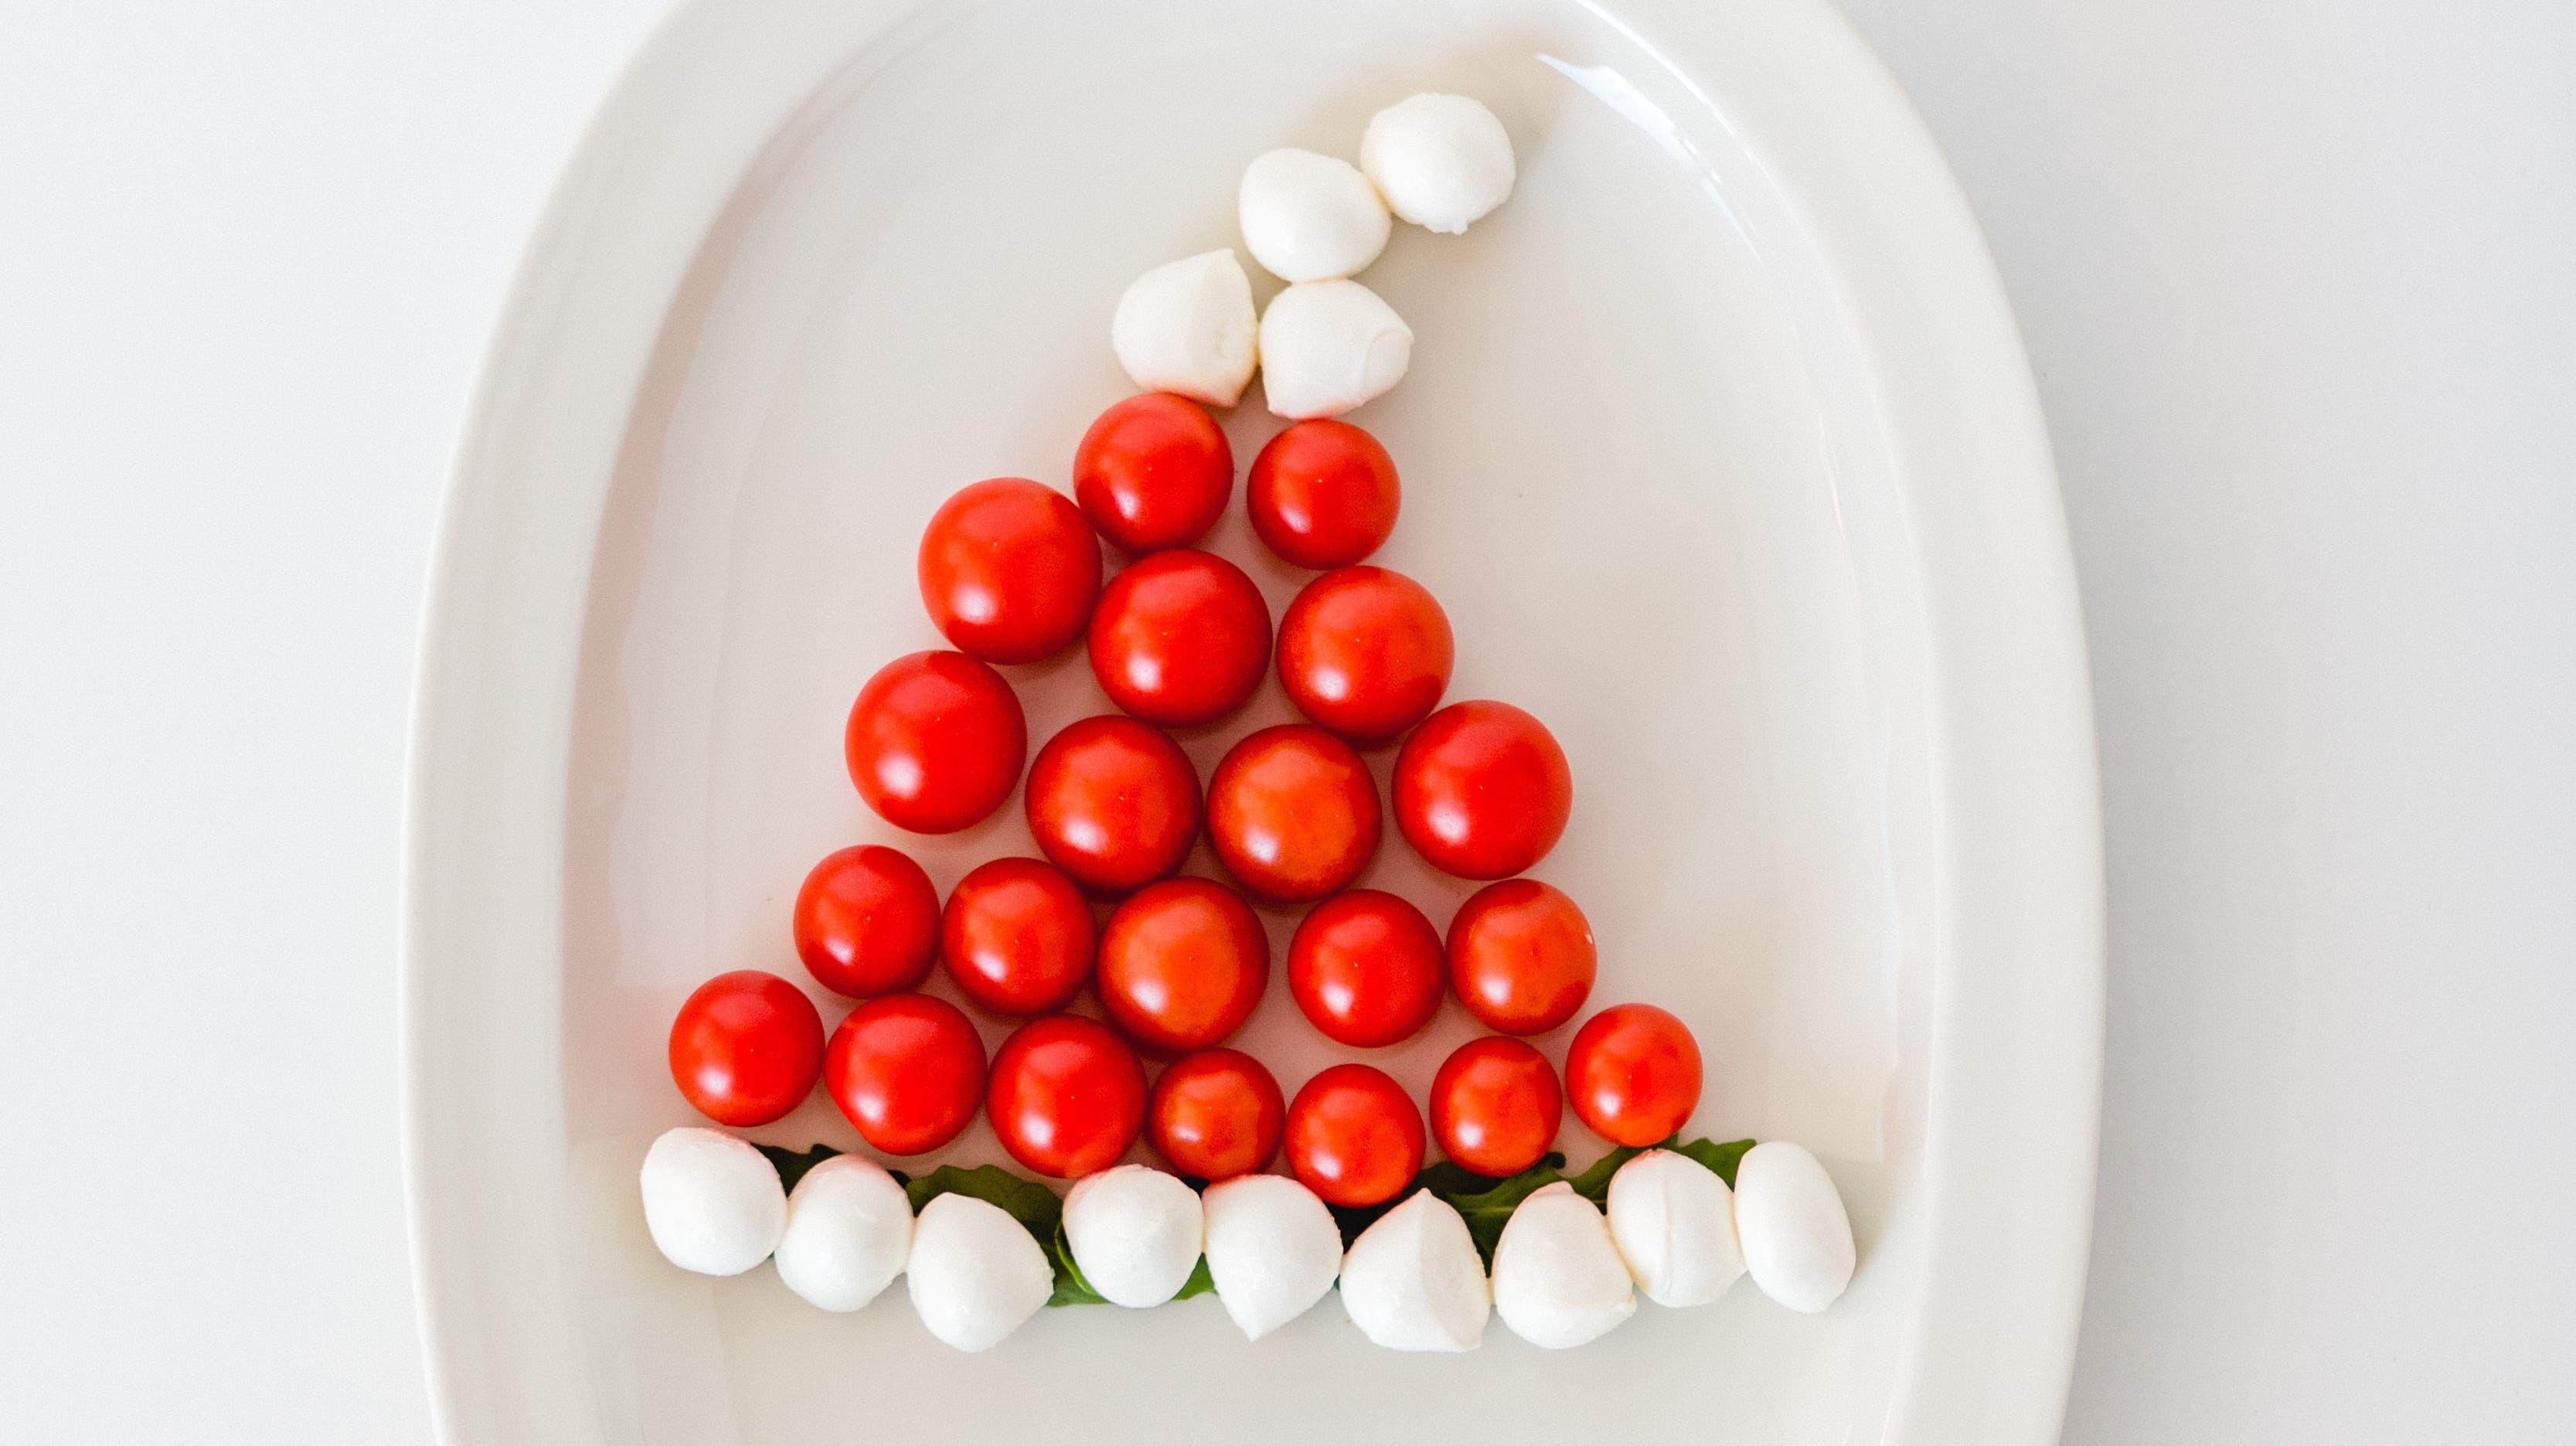 Zipfelmütze: Was der Weihnachtsmann auf dem Kopf trägt, lässt sich mit Cherrytomaten und Mozzarellakugeln darstellen.